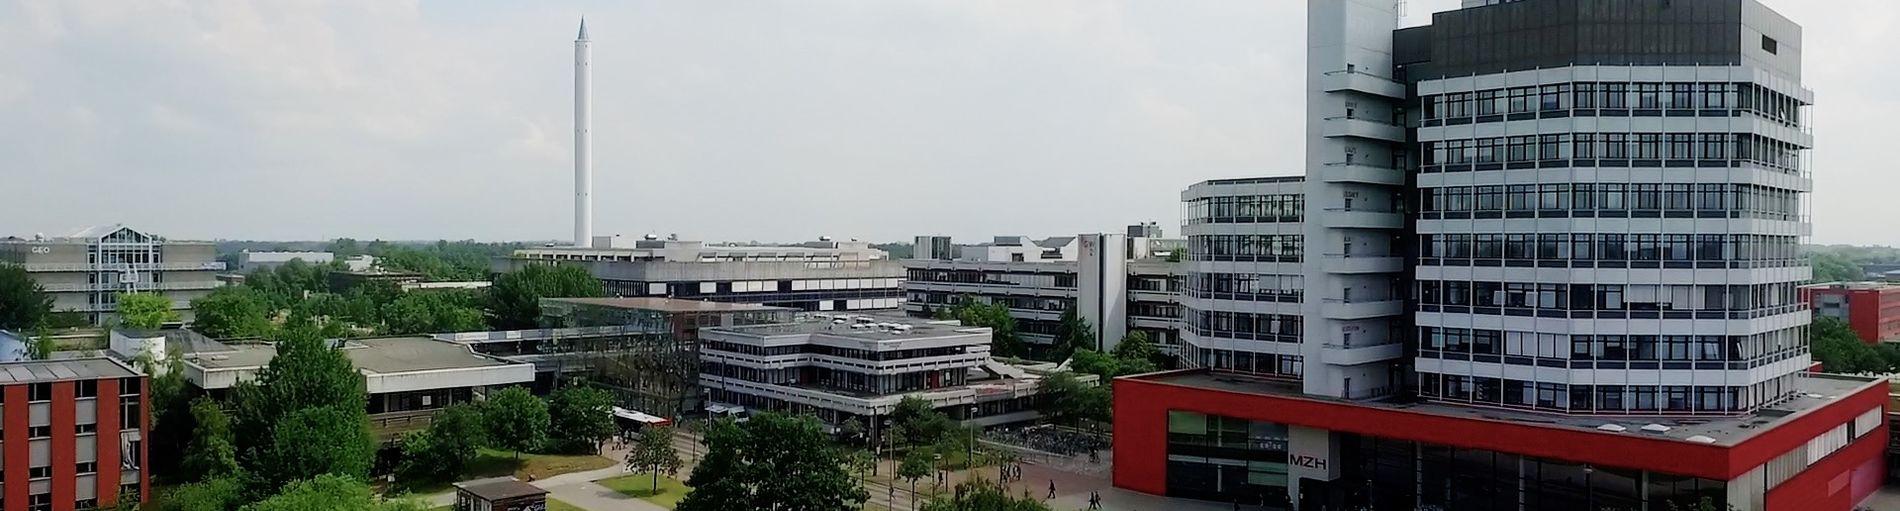 Der Campus der Universität Bremen